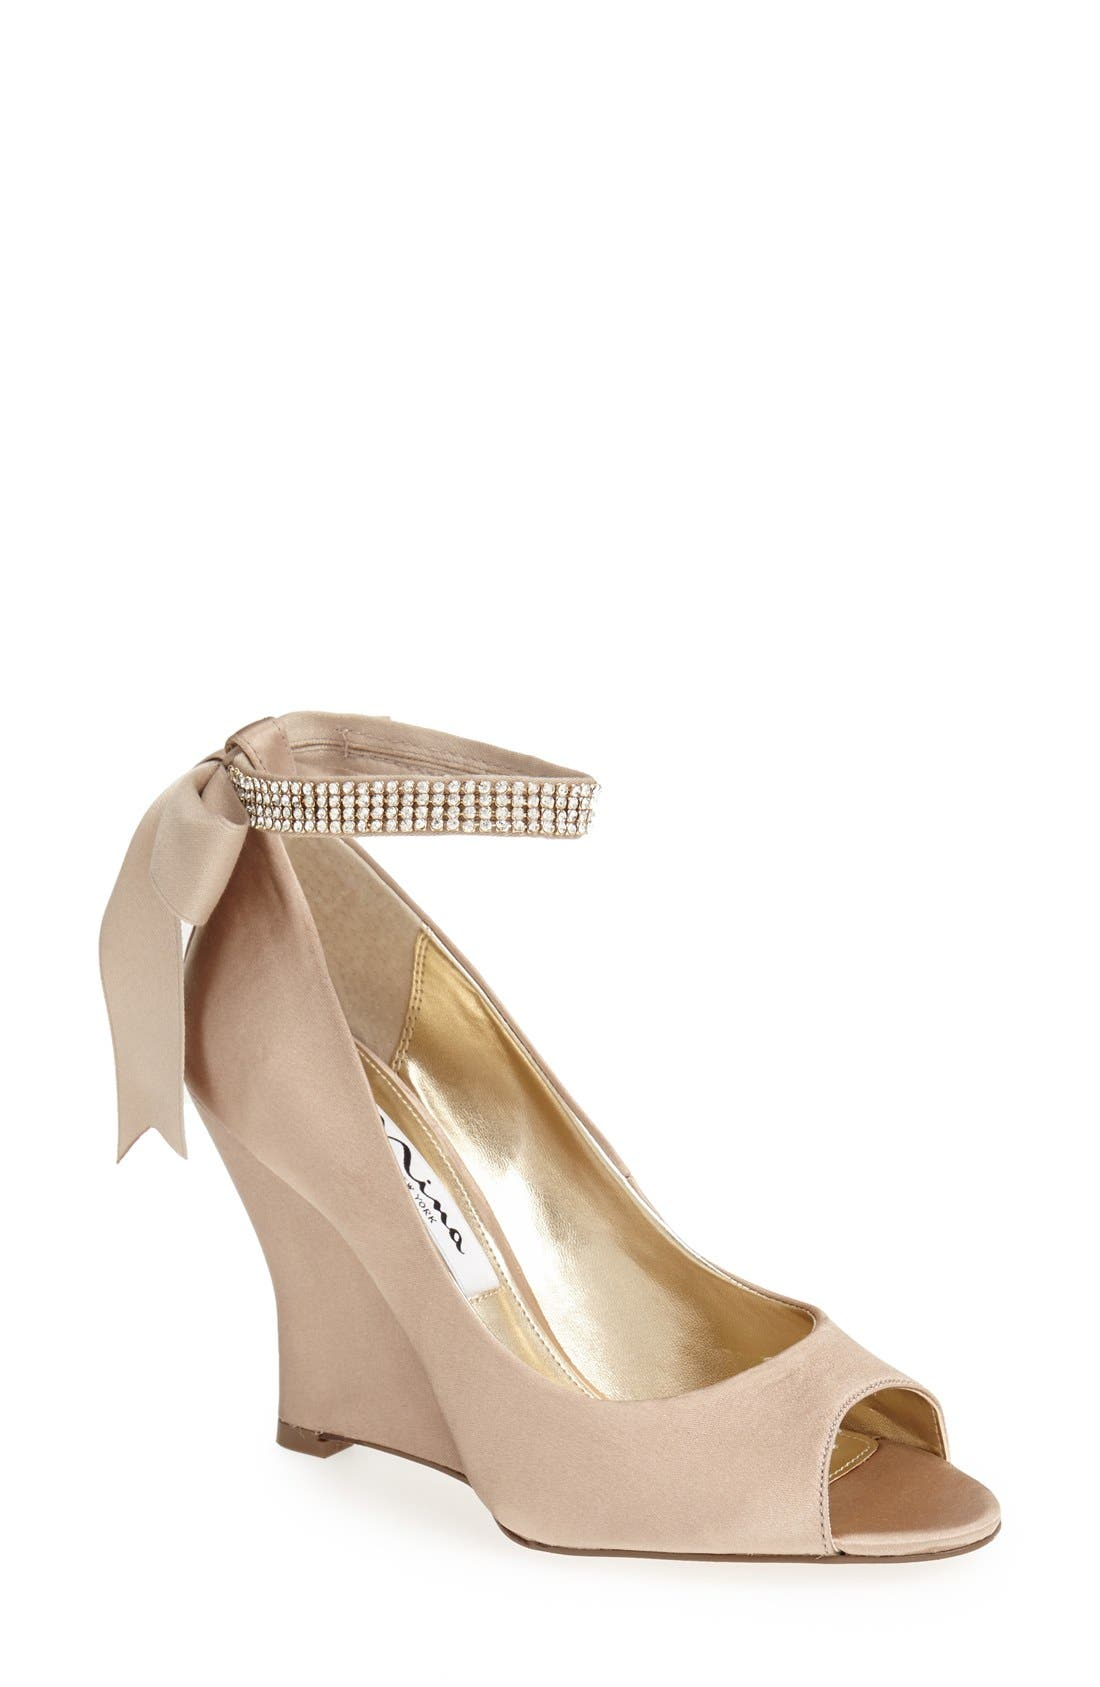 'Emma' Crystal Embellished Ankle Strap Pump,                         Main,                         color, Champagne Satin